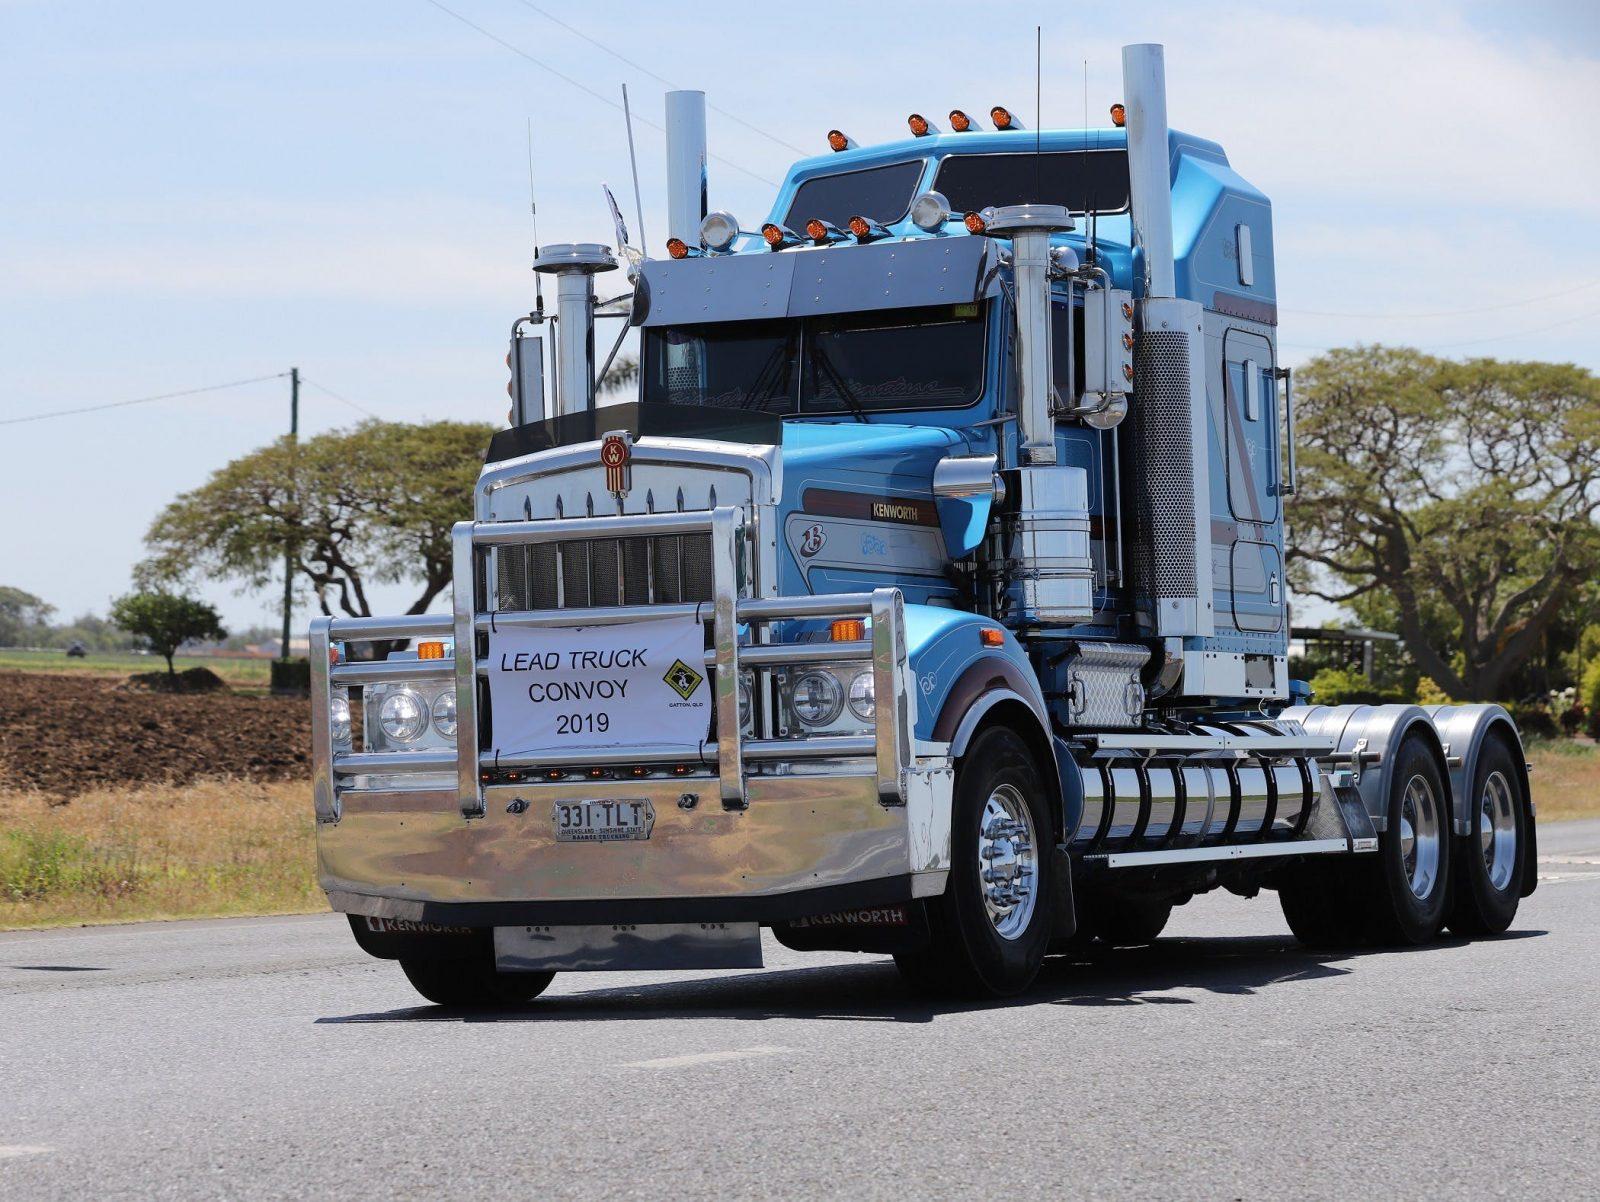 Lead Truck